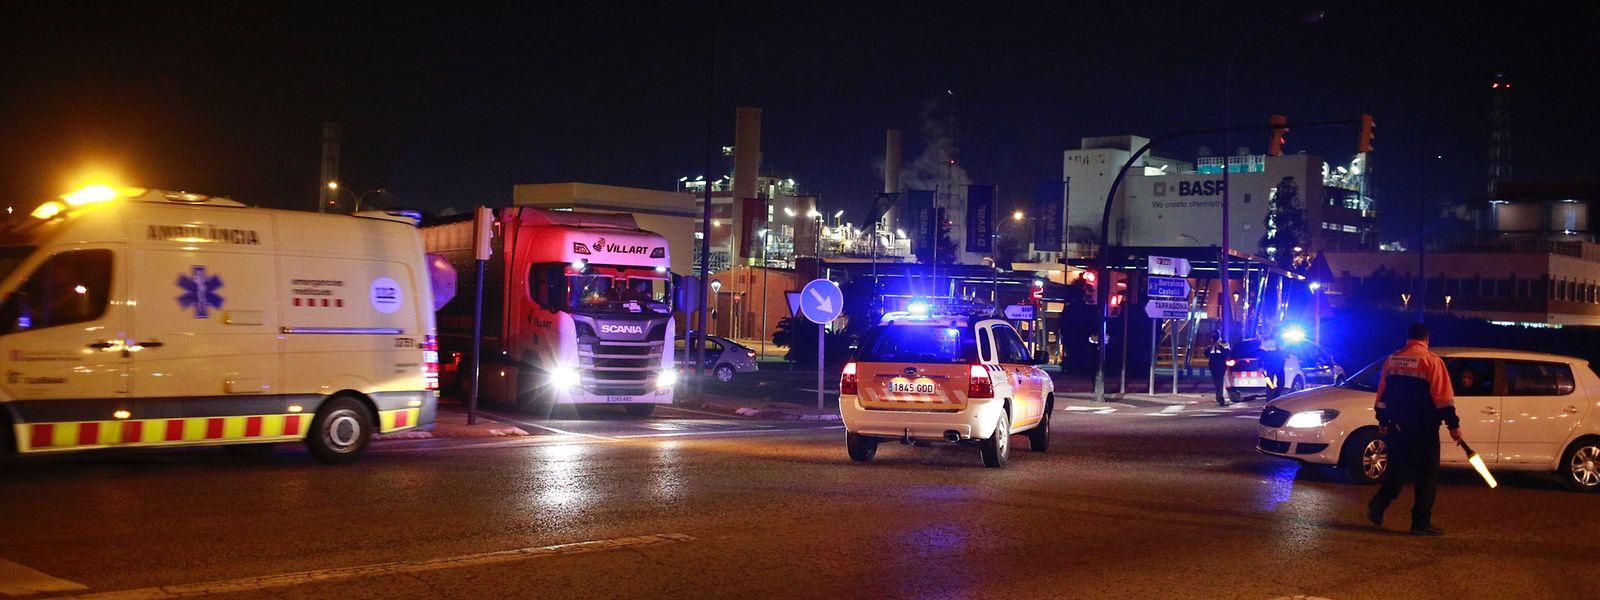 Rettungseinheiten arbeiten nahe dem Gelände, an dem ein Mensch starb und weitere durch eine größere Explosion in einem Chemiepark verletzt wurden.